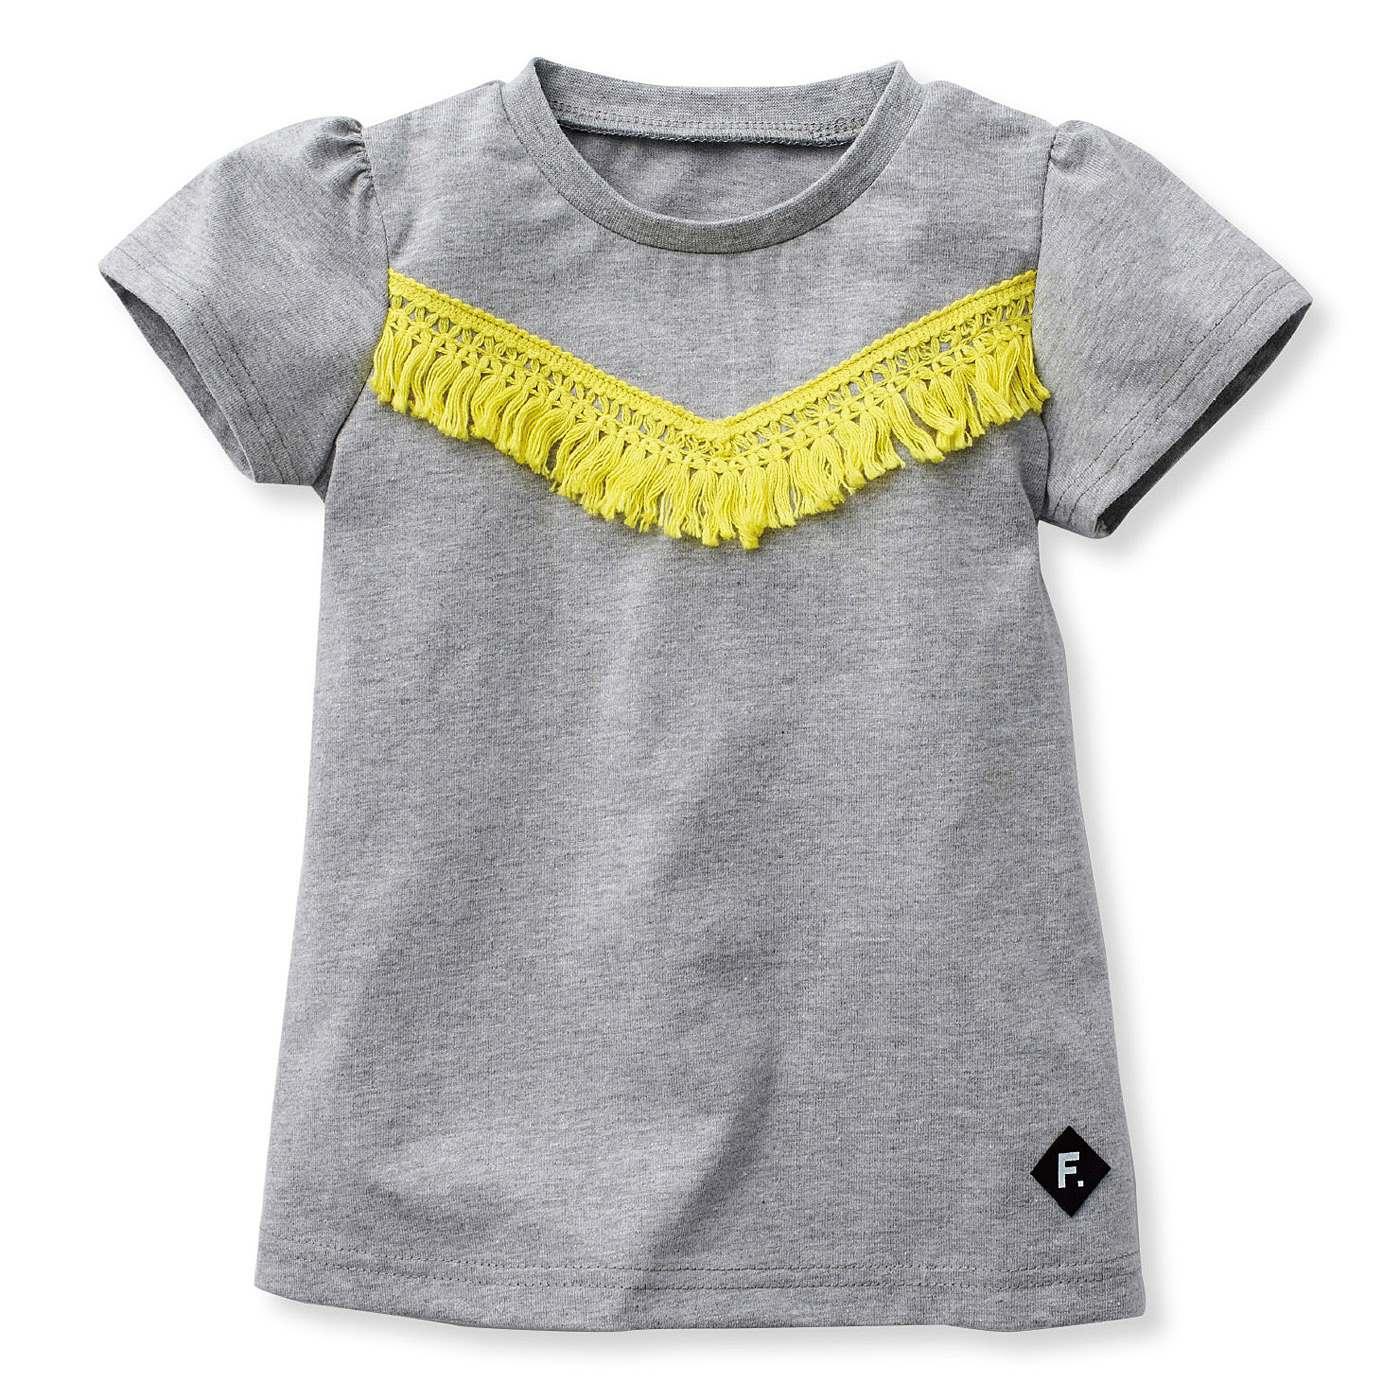 ひらりと広がるAラインとコンパクトな袖で、女の子らしい雰囲気。